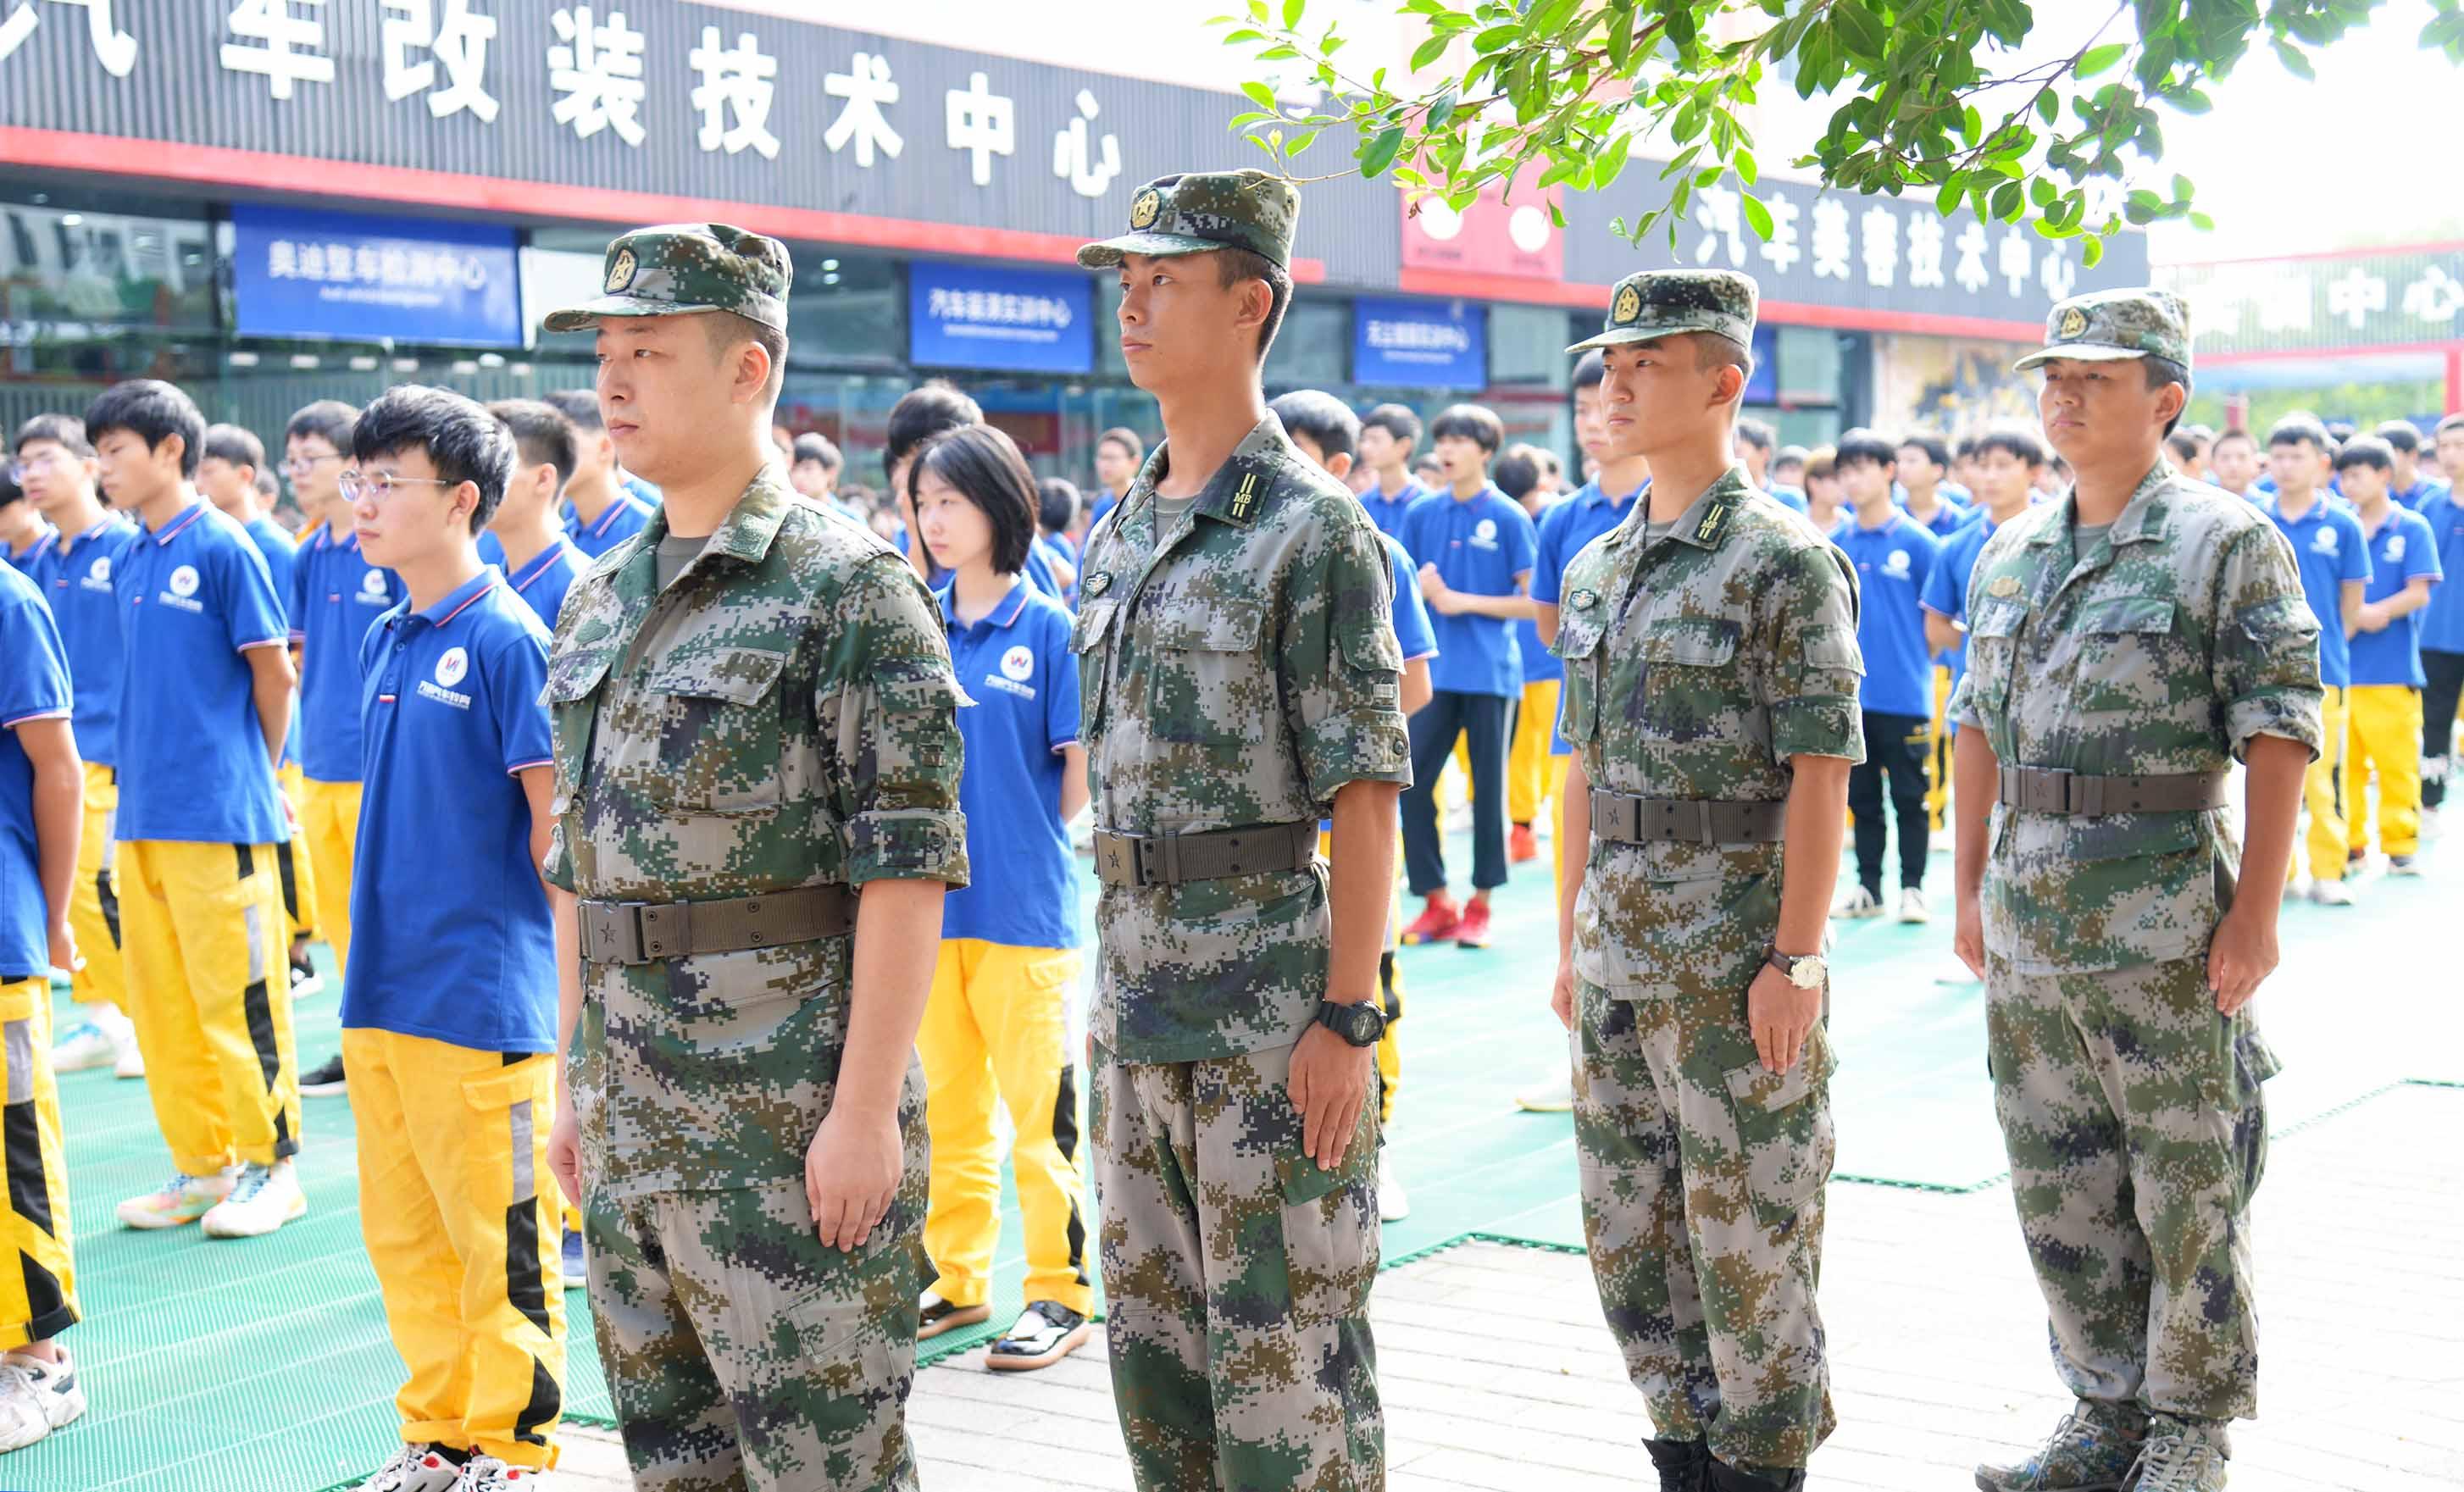 新生军训 | 重庆万通2021级军事素质拓展训练正式开始!